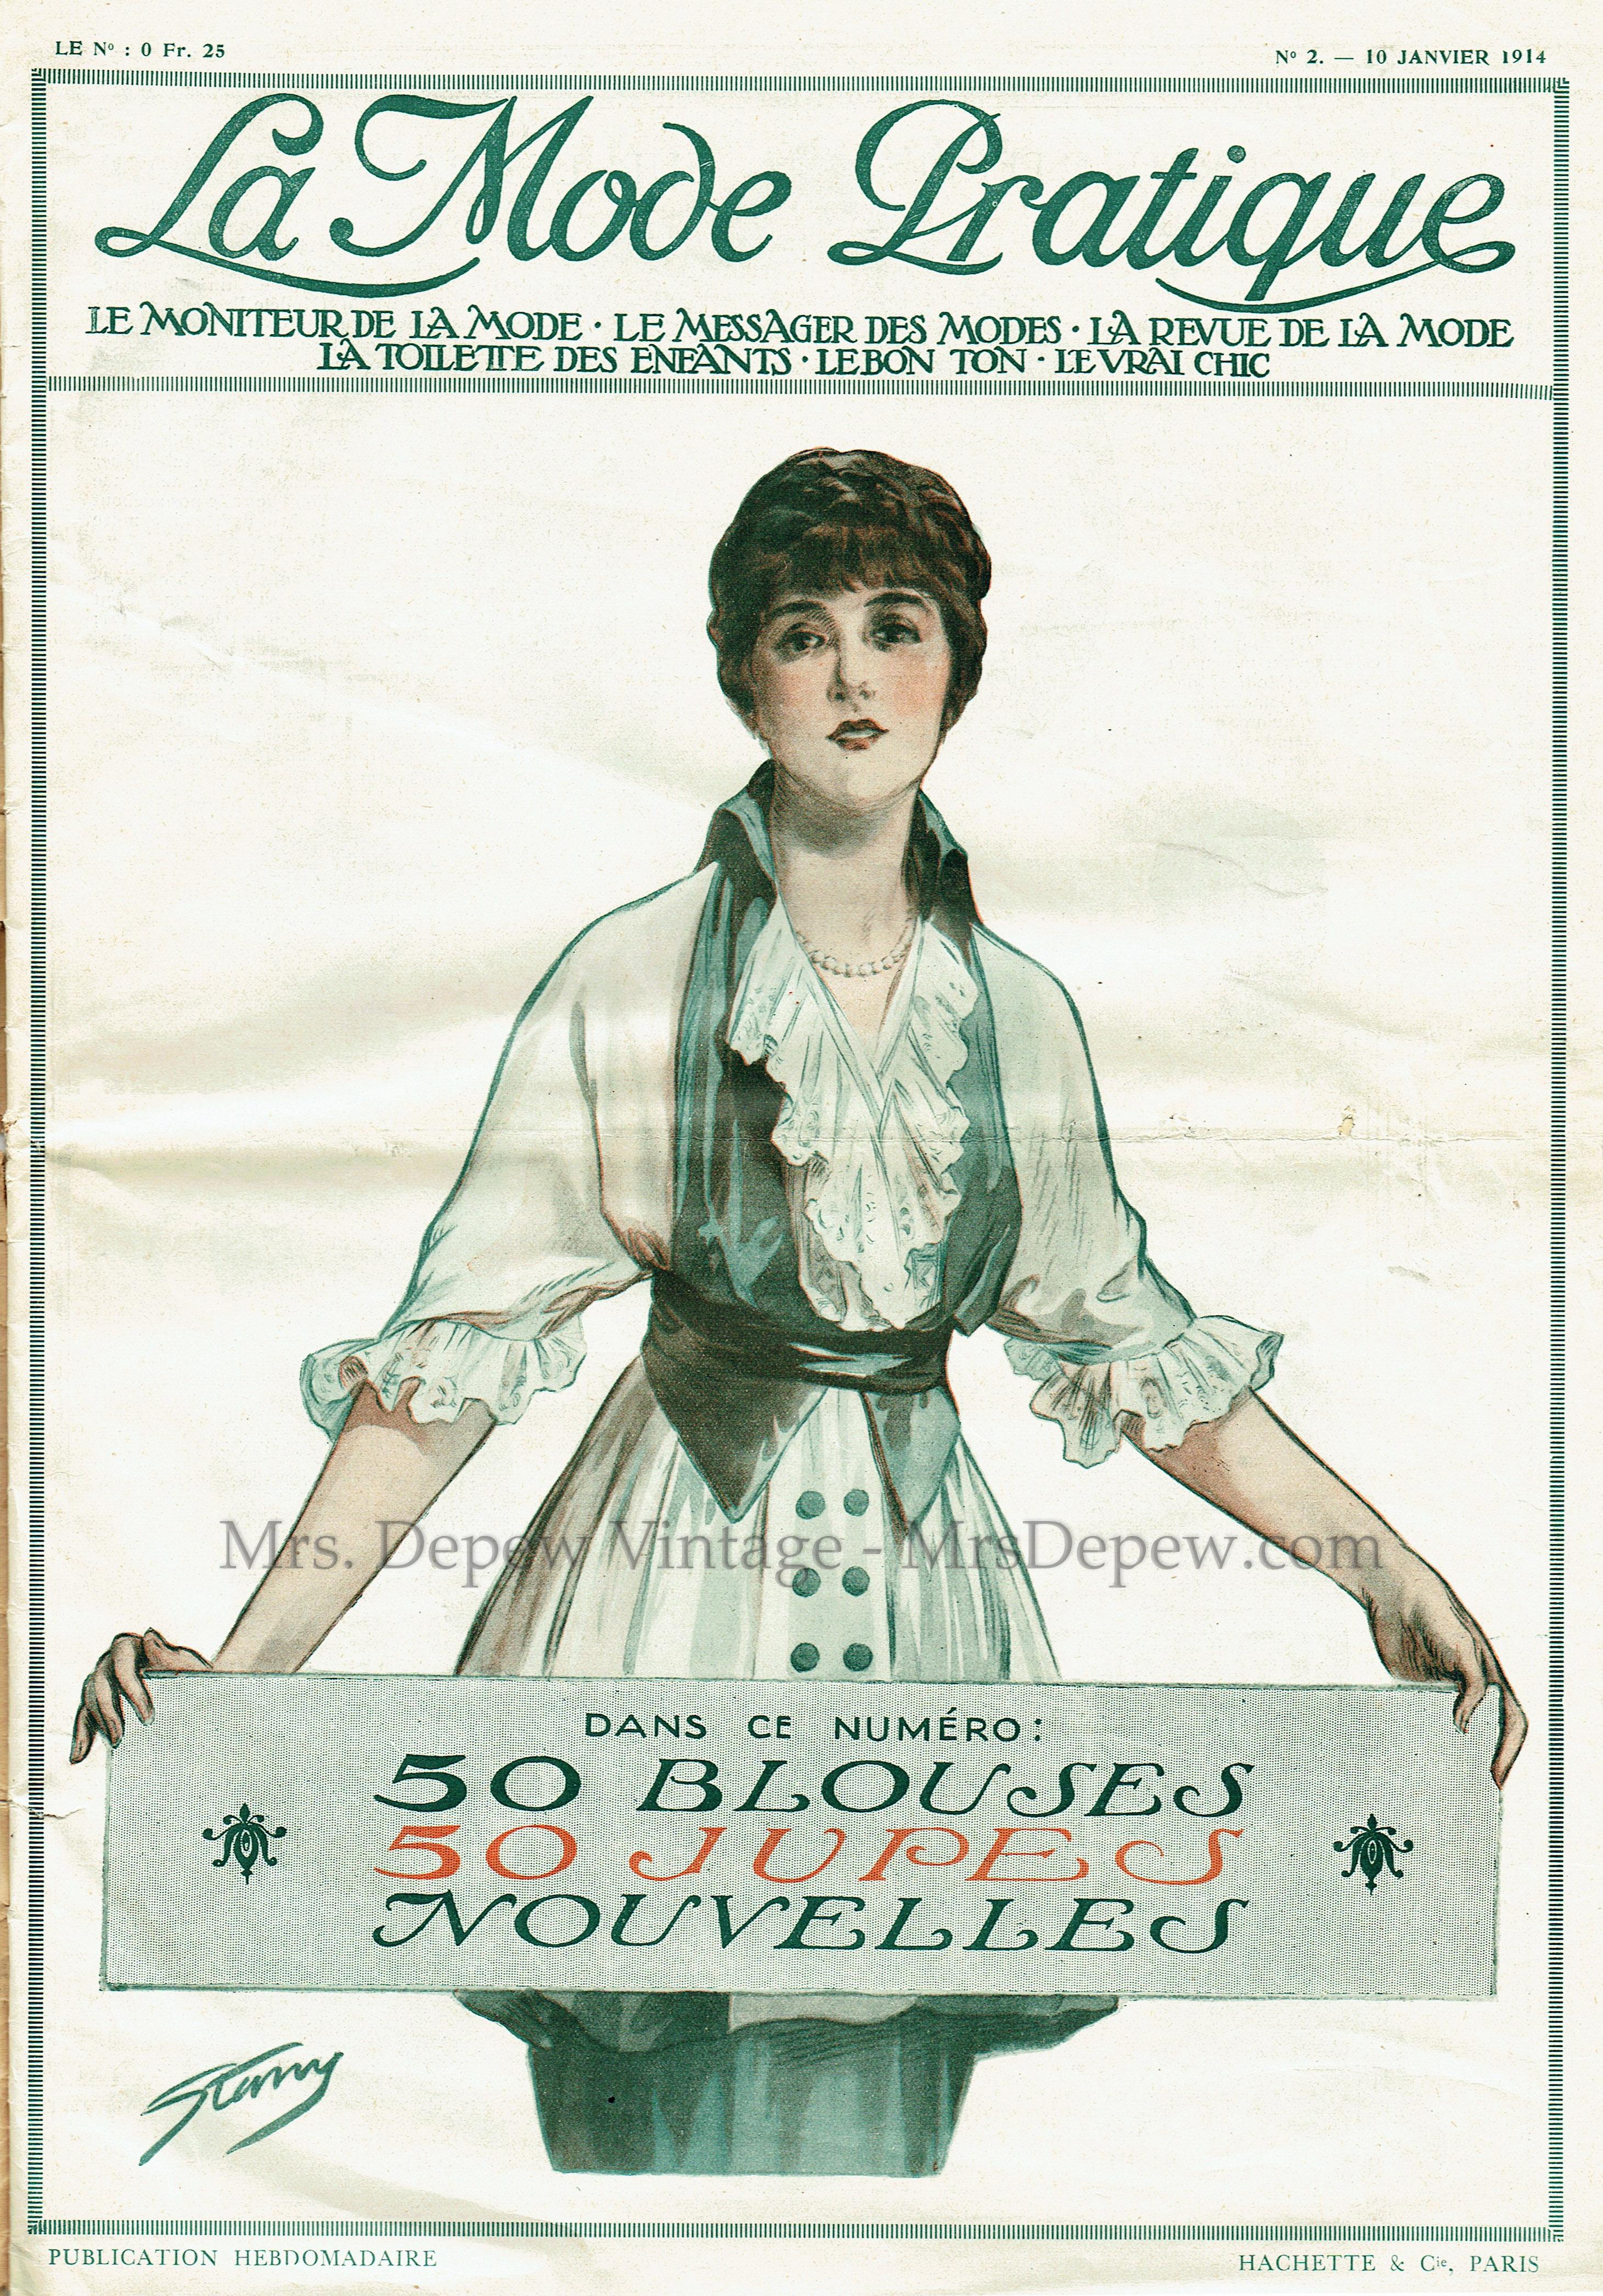 La Mode Pratique No. 2 10 Janvier 1914